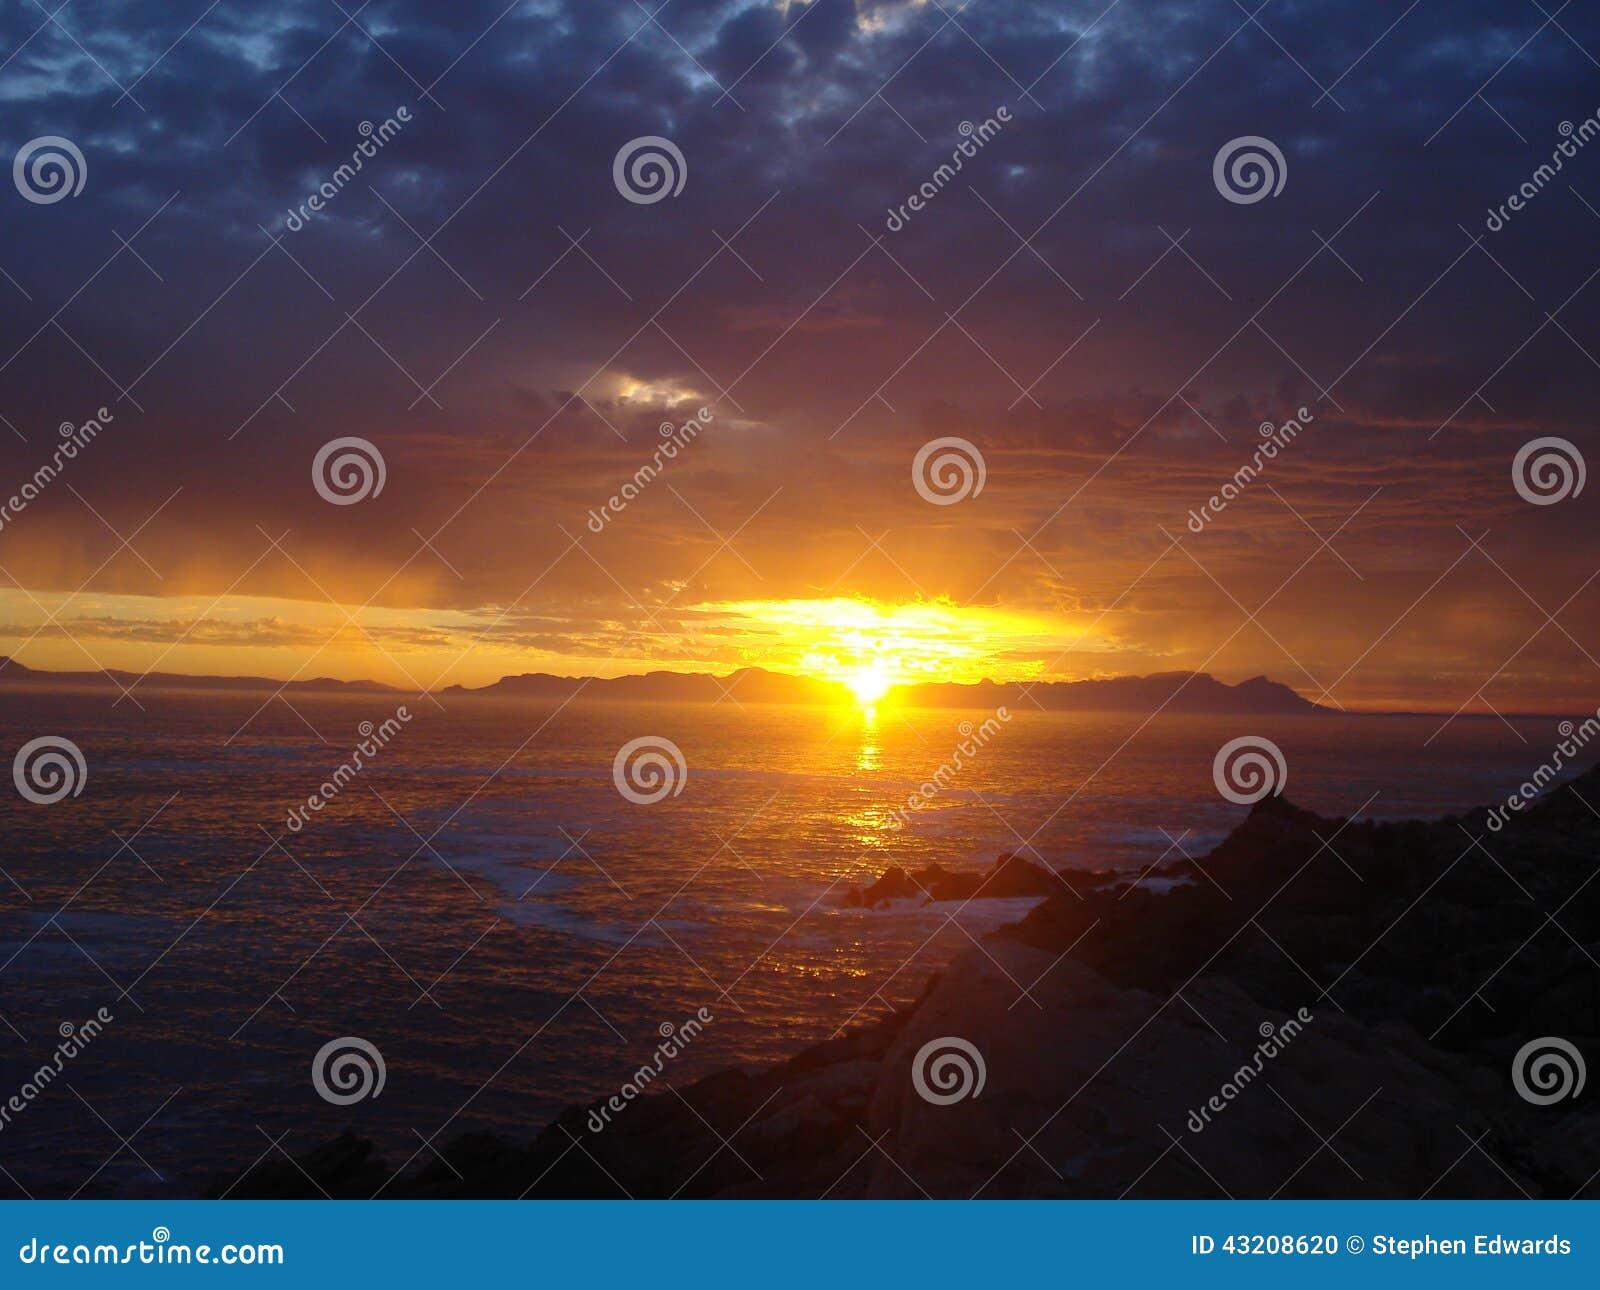 Download Södra - Afrikansk Solnedgång över Havet Arkivfoto - Bild av färger, härlig: 43208620